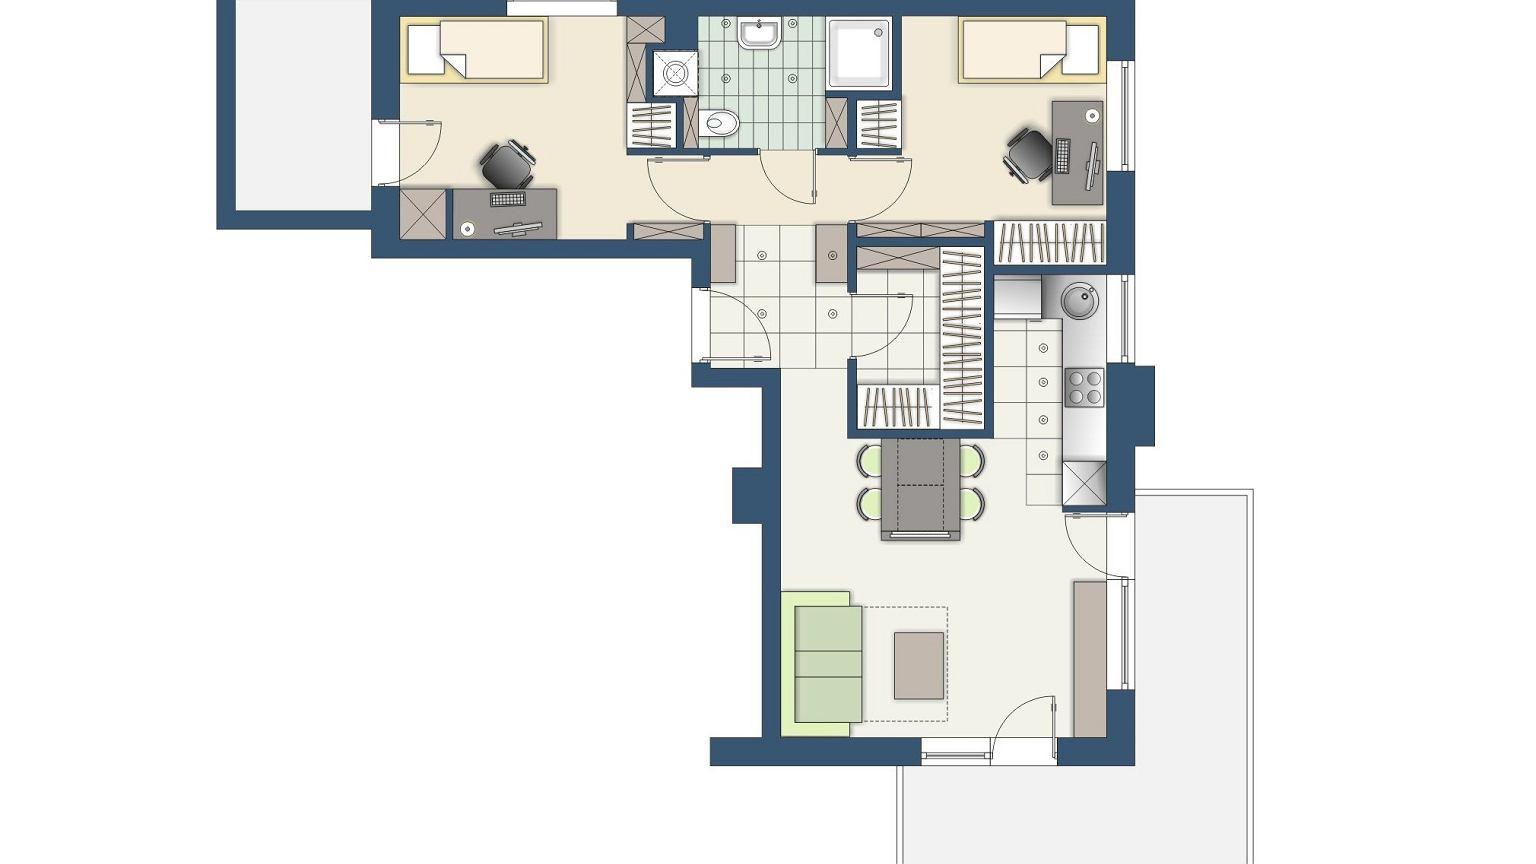 jak urz dzi trzypokojowe mieszkanie dla 4 osobowej rodziny. Black Bedroom Furniture Sets. Home Design Ideas